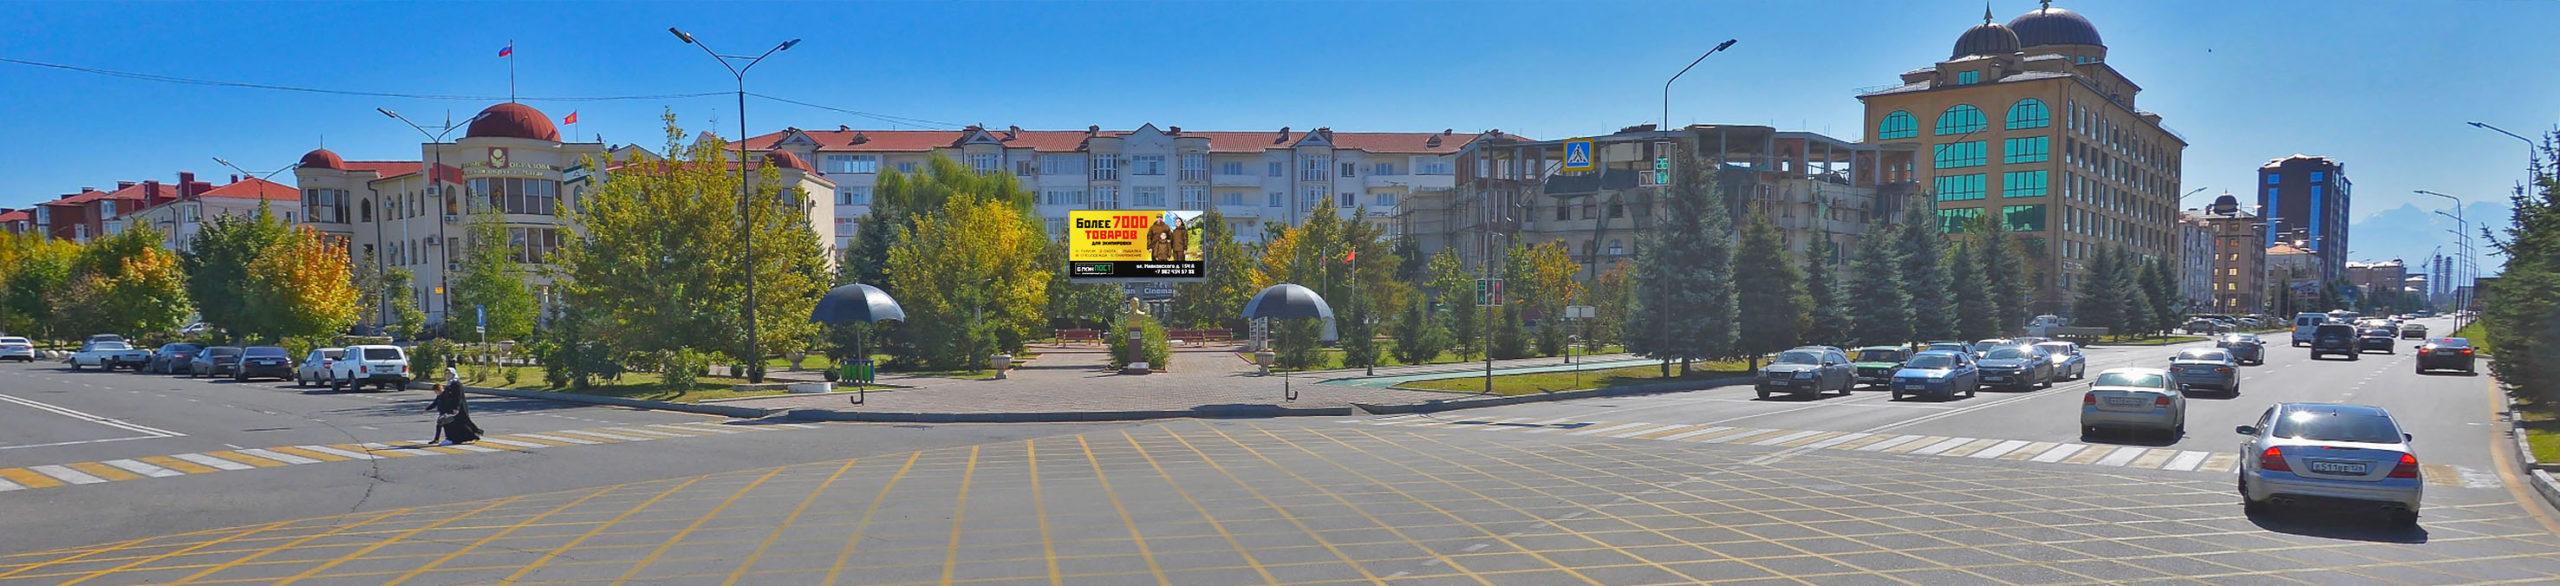 Размещение рекламы на светодиодных экранах в Ингушетии 3х6